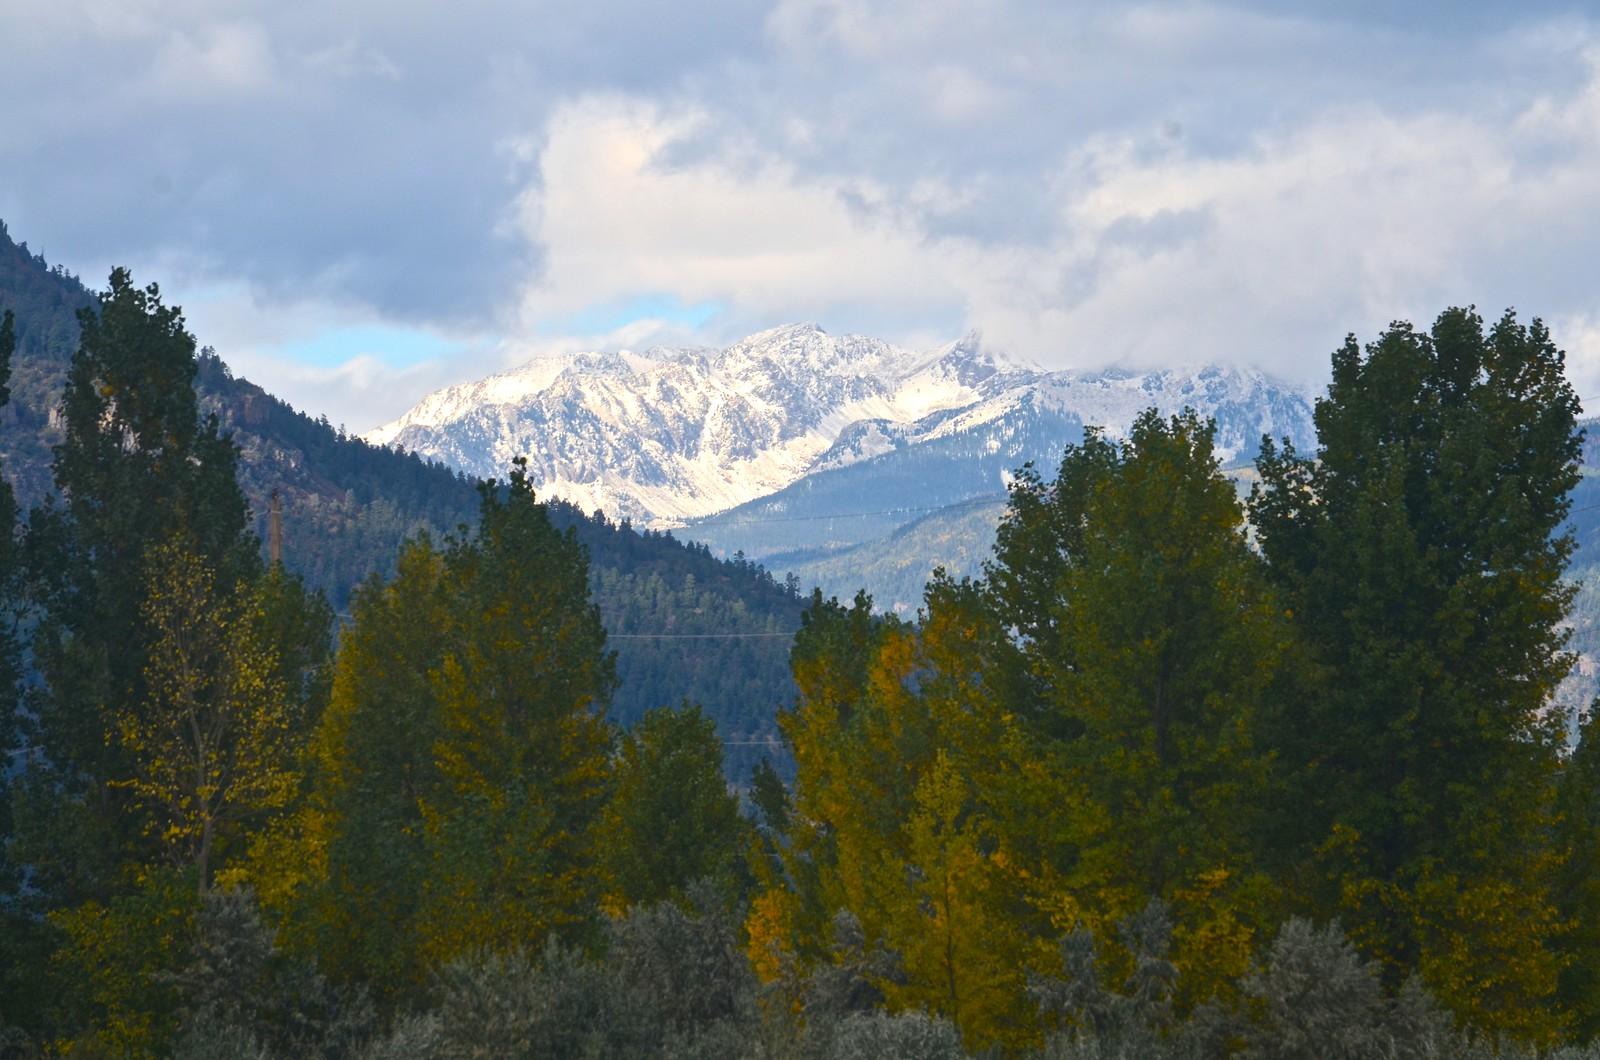 Autumn in Durango